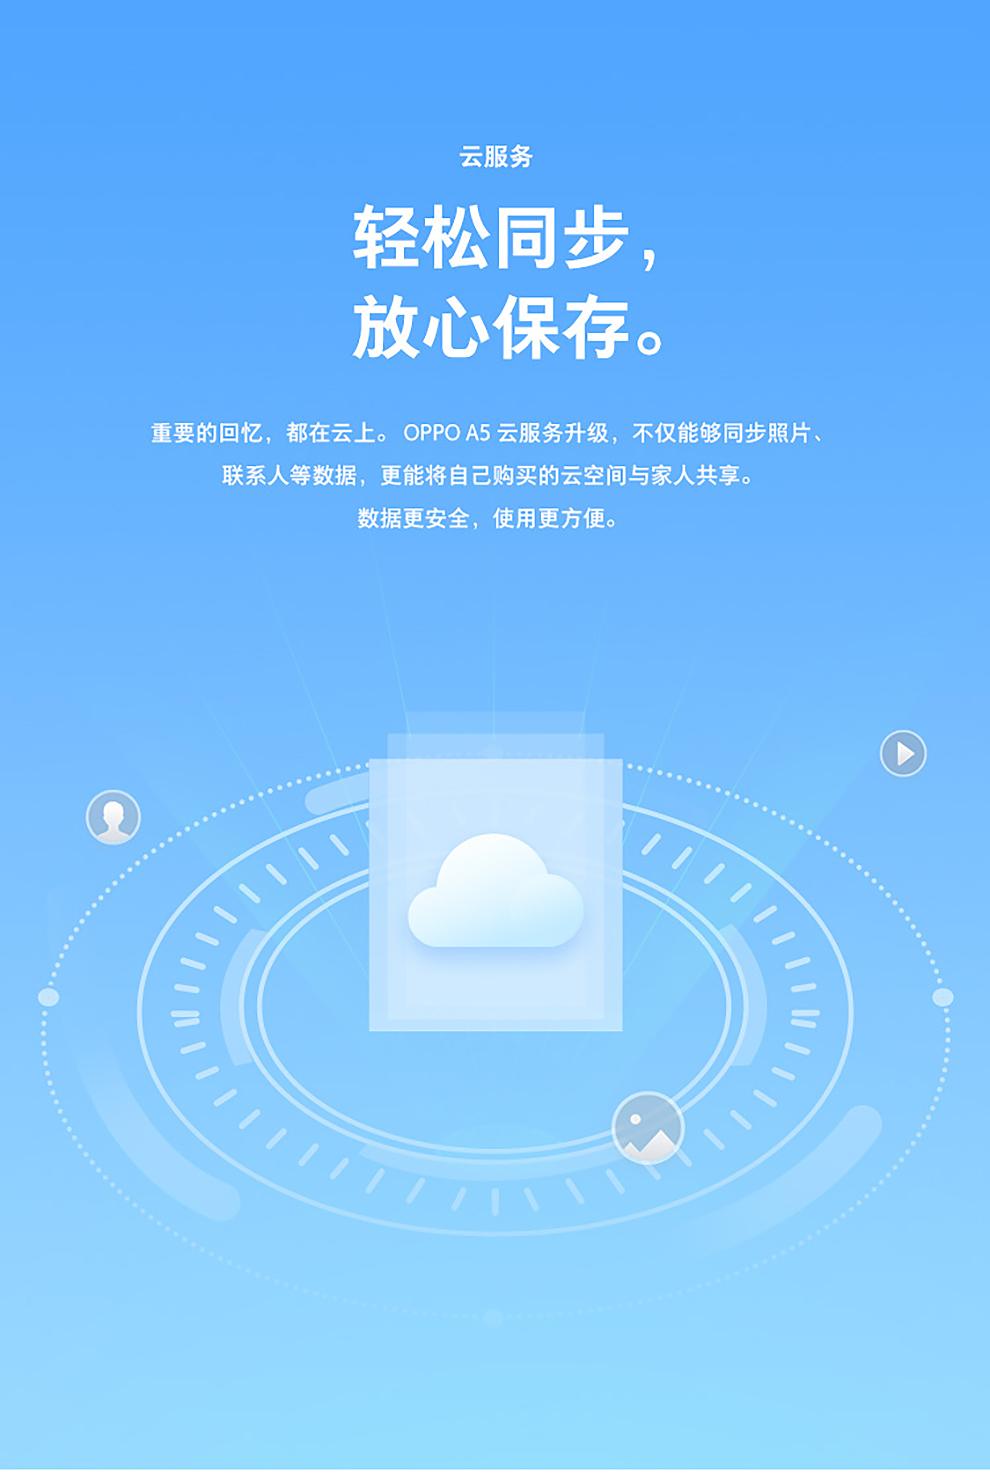 OPPO A5 超视野全面屏双摄拍照手机 刘海屏 全网通4G